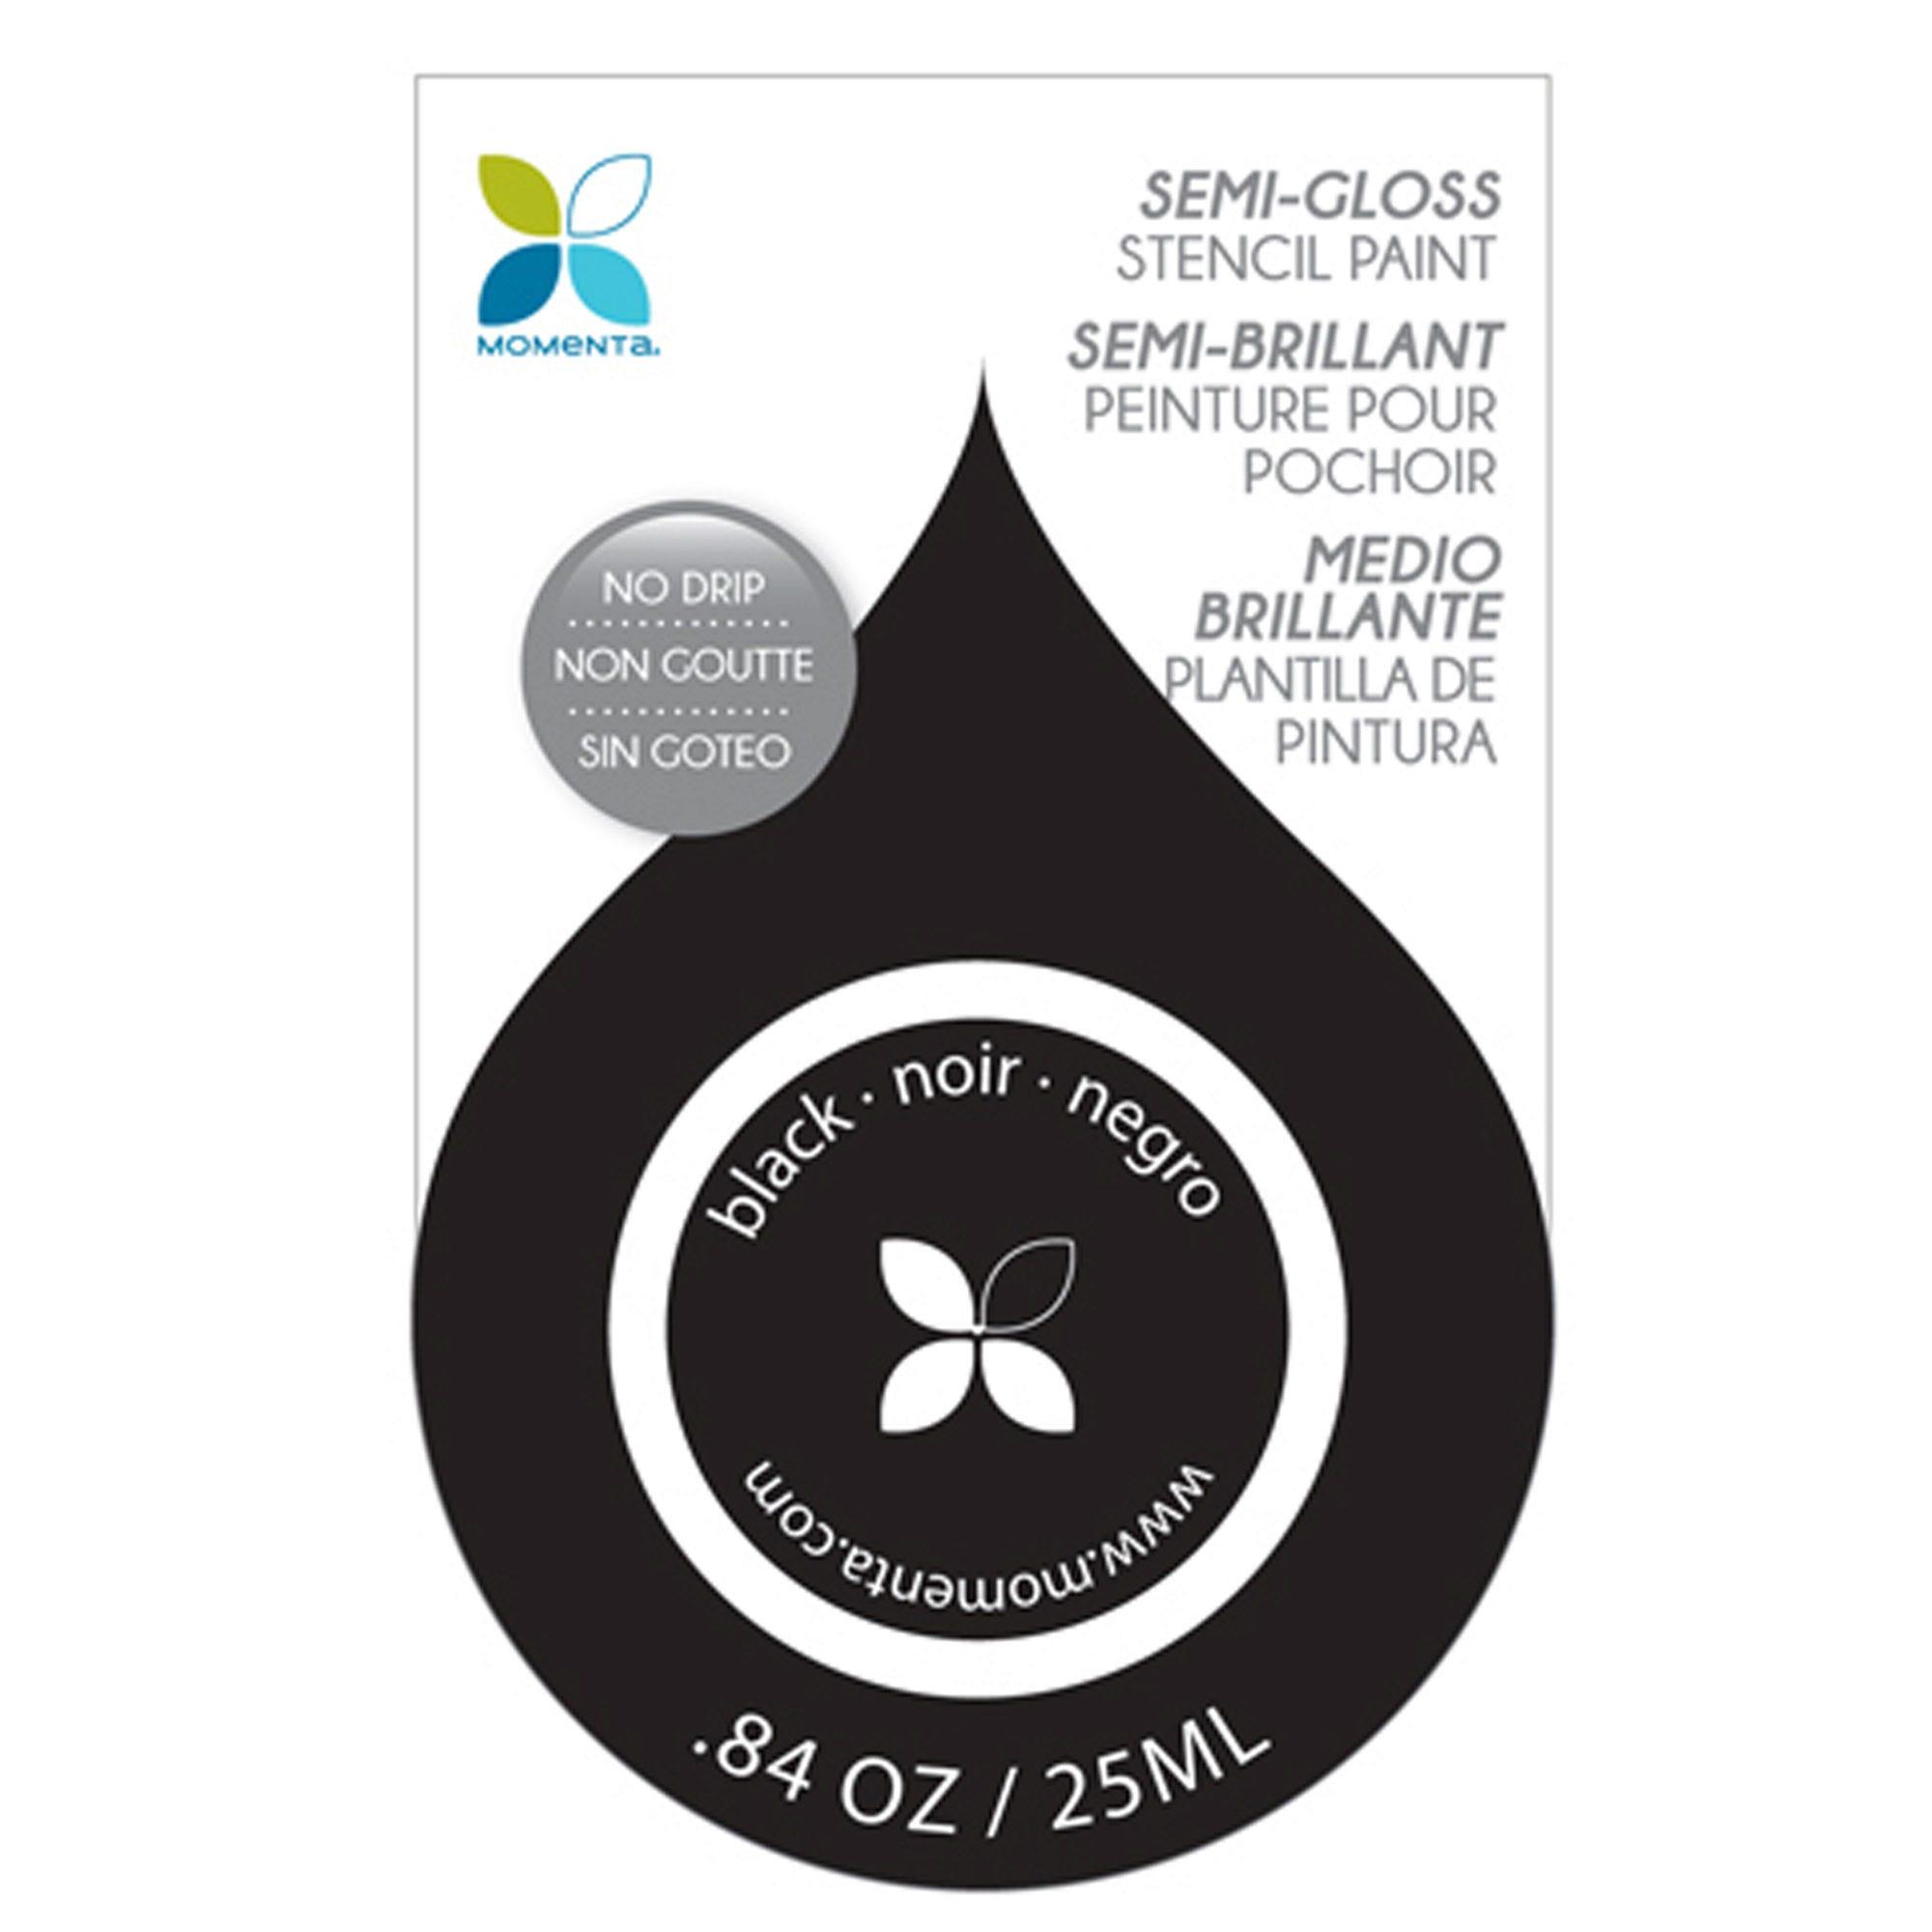 Black Semi-Gloss No Drip Stencil PAINT- Qty 24